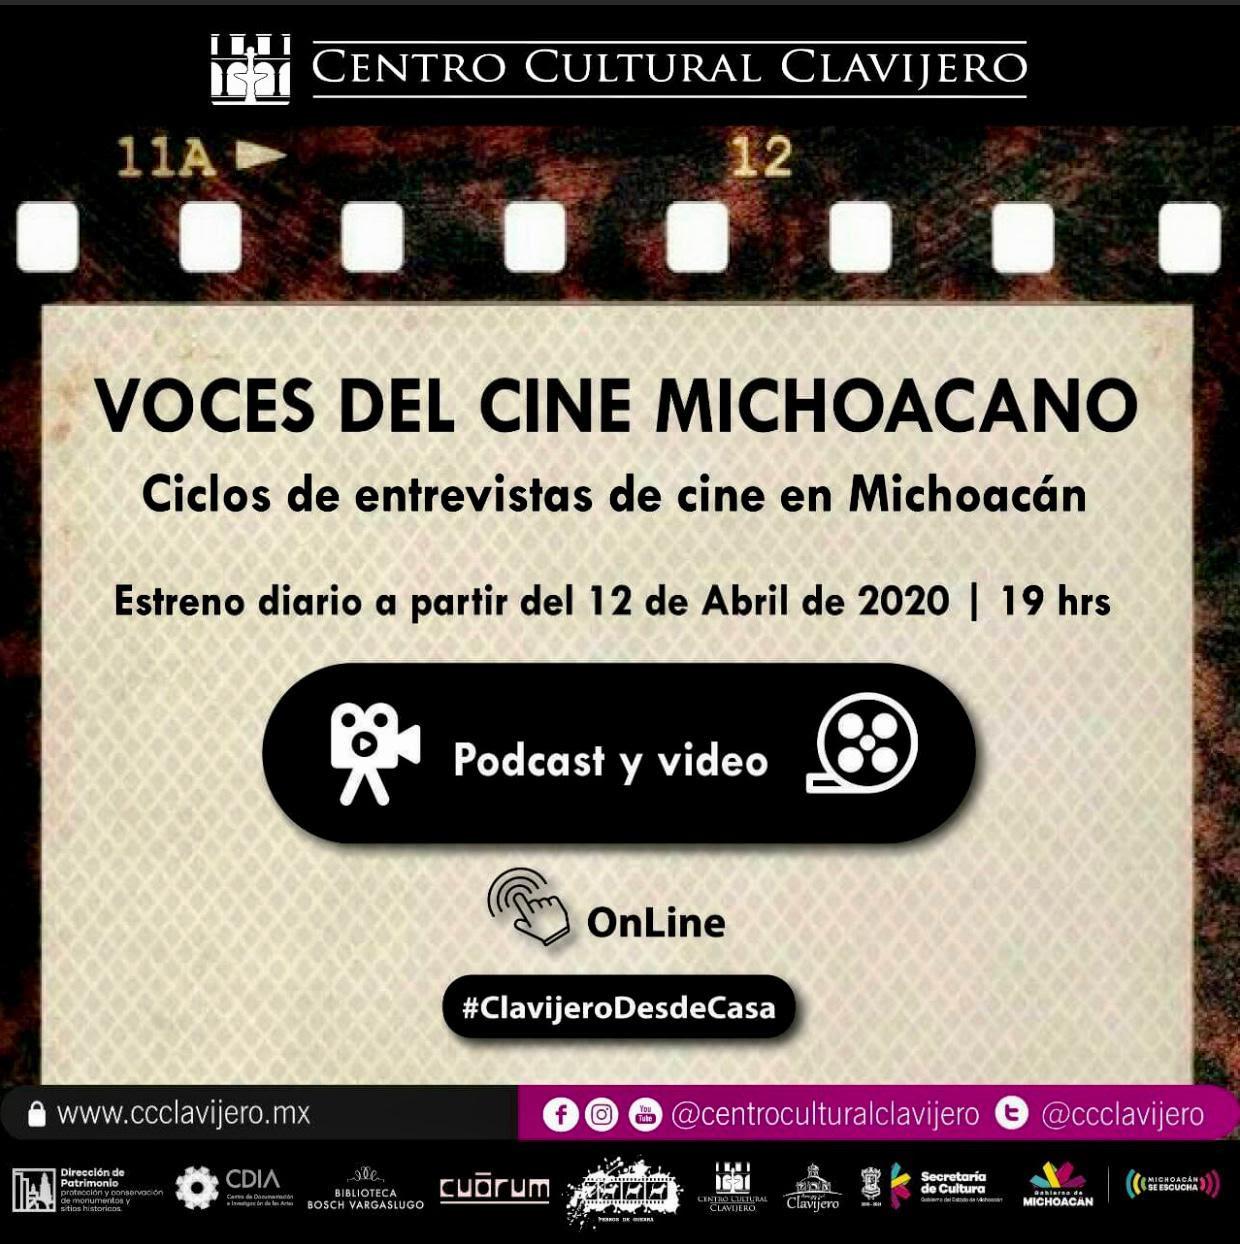 Voces del Cine Michoacano, disponible en redes sociales